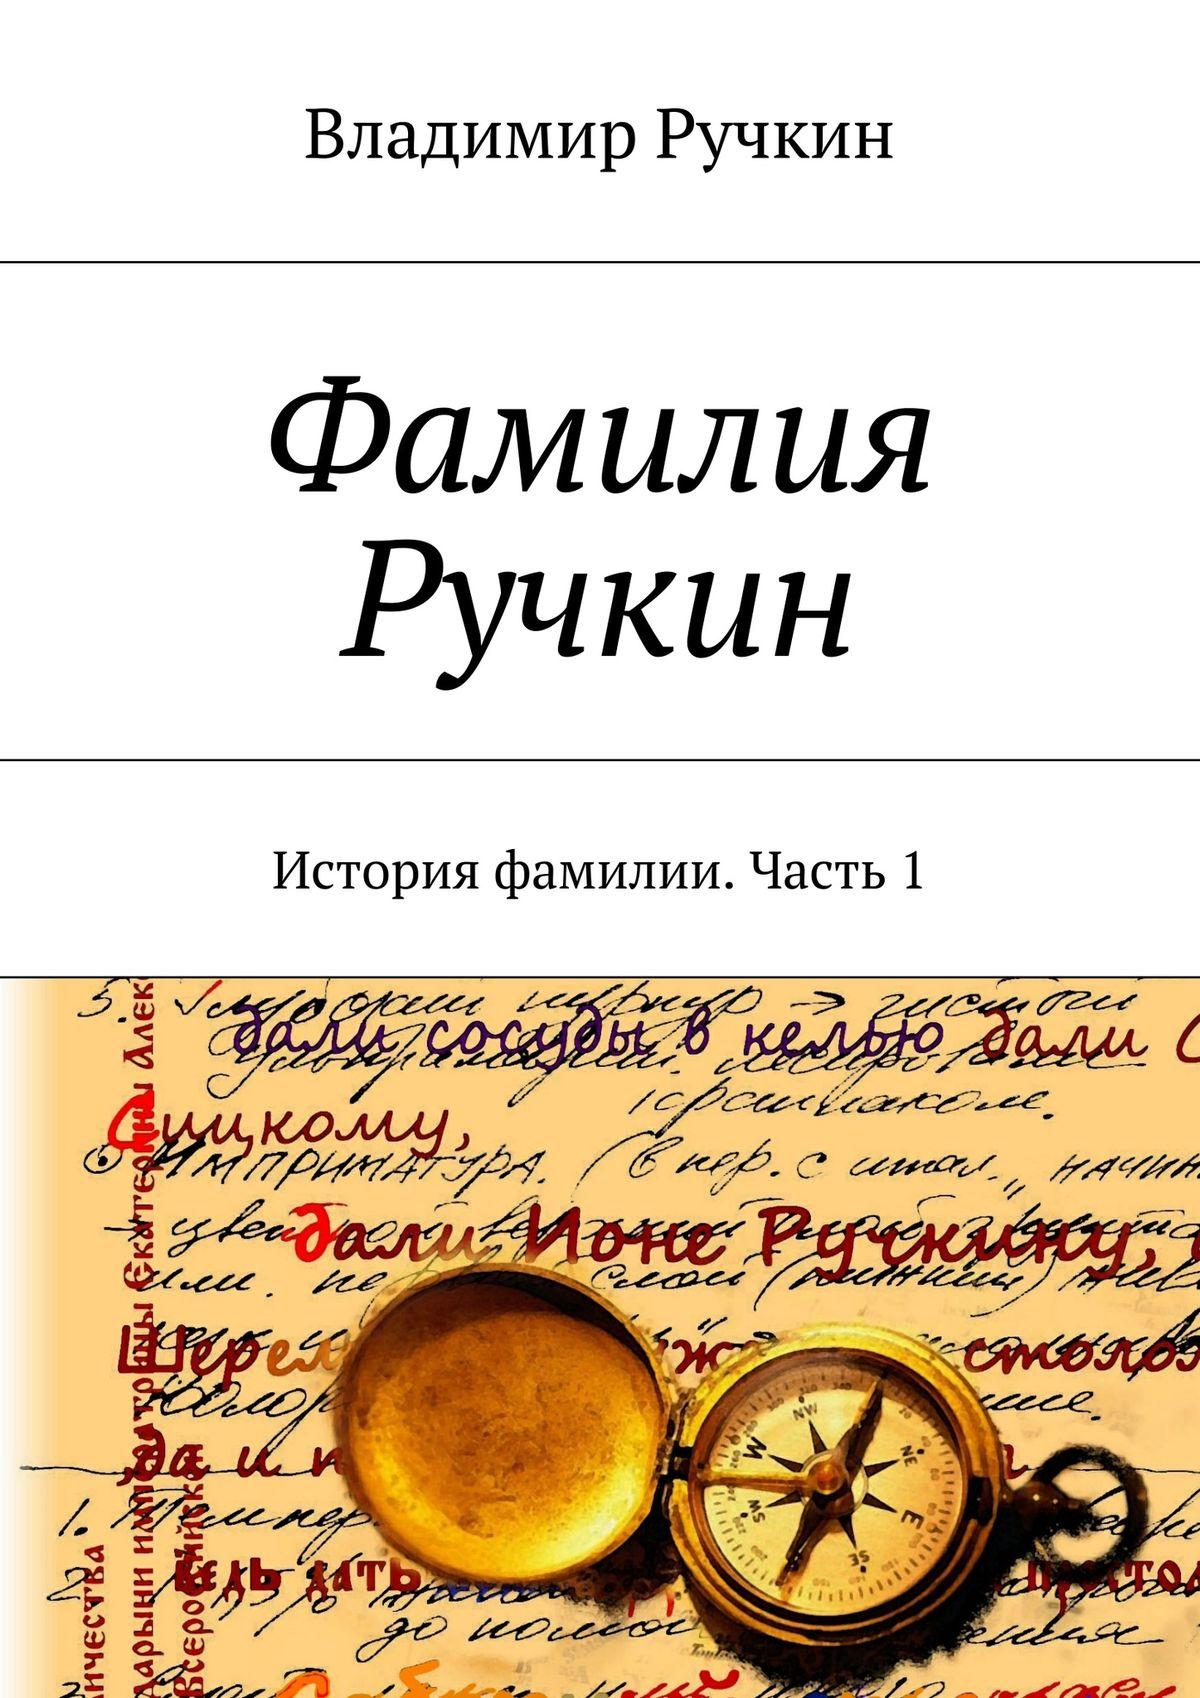 Фамилия Ручкин. История фамилии. Часть 1